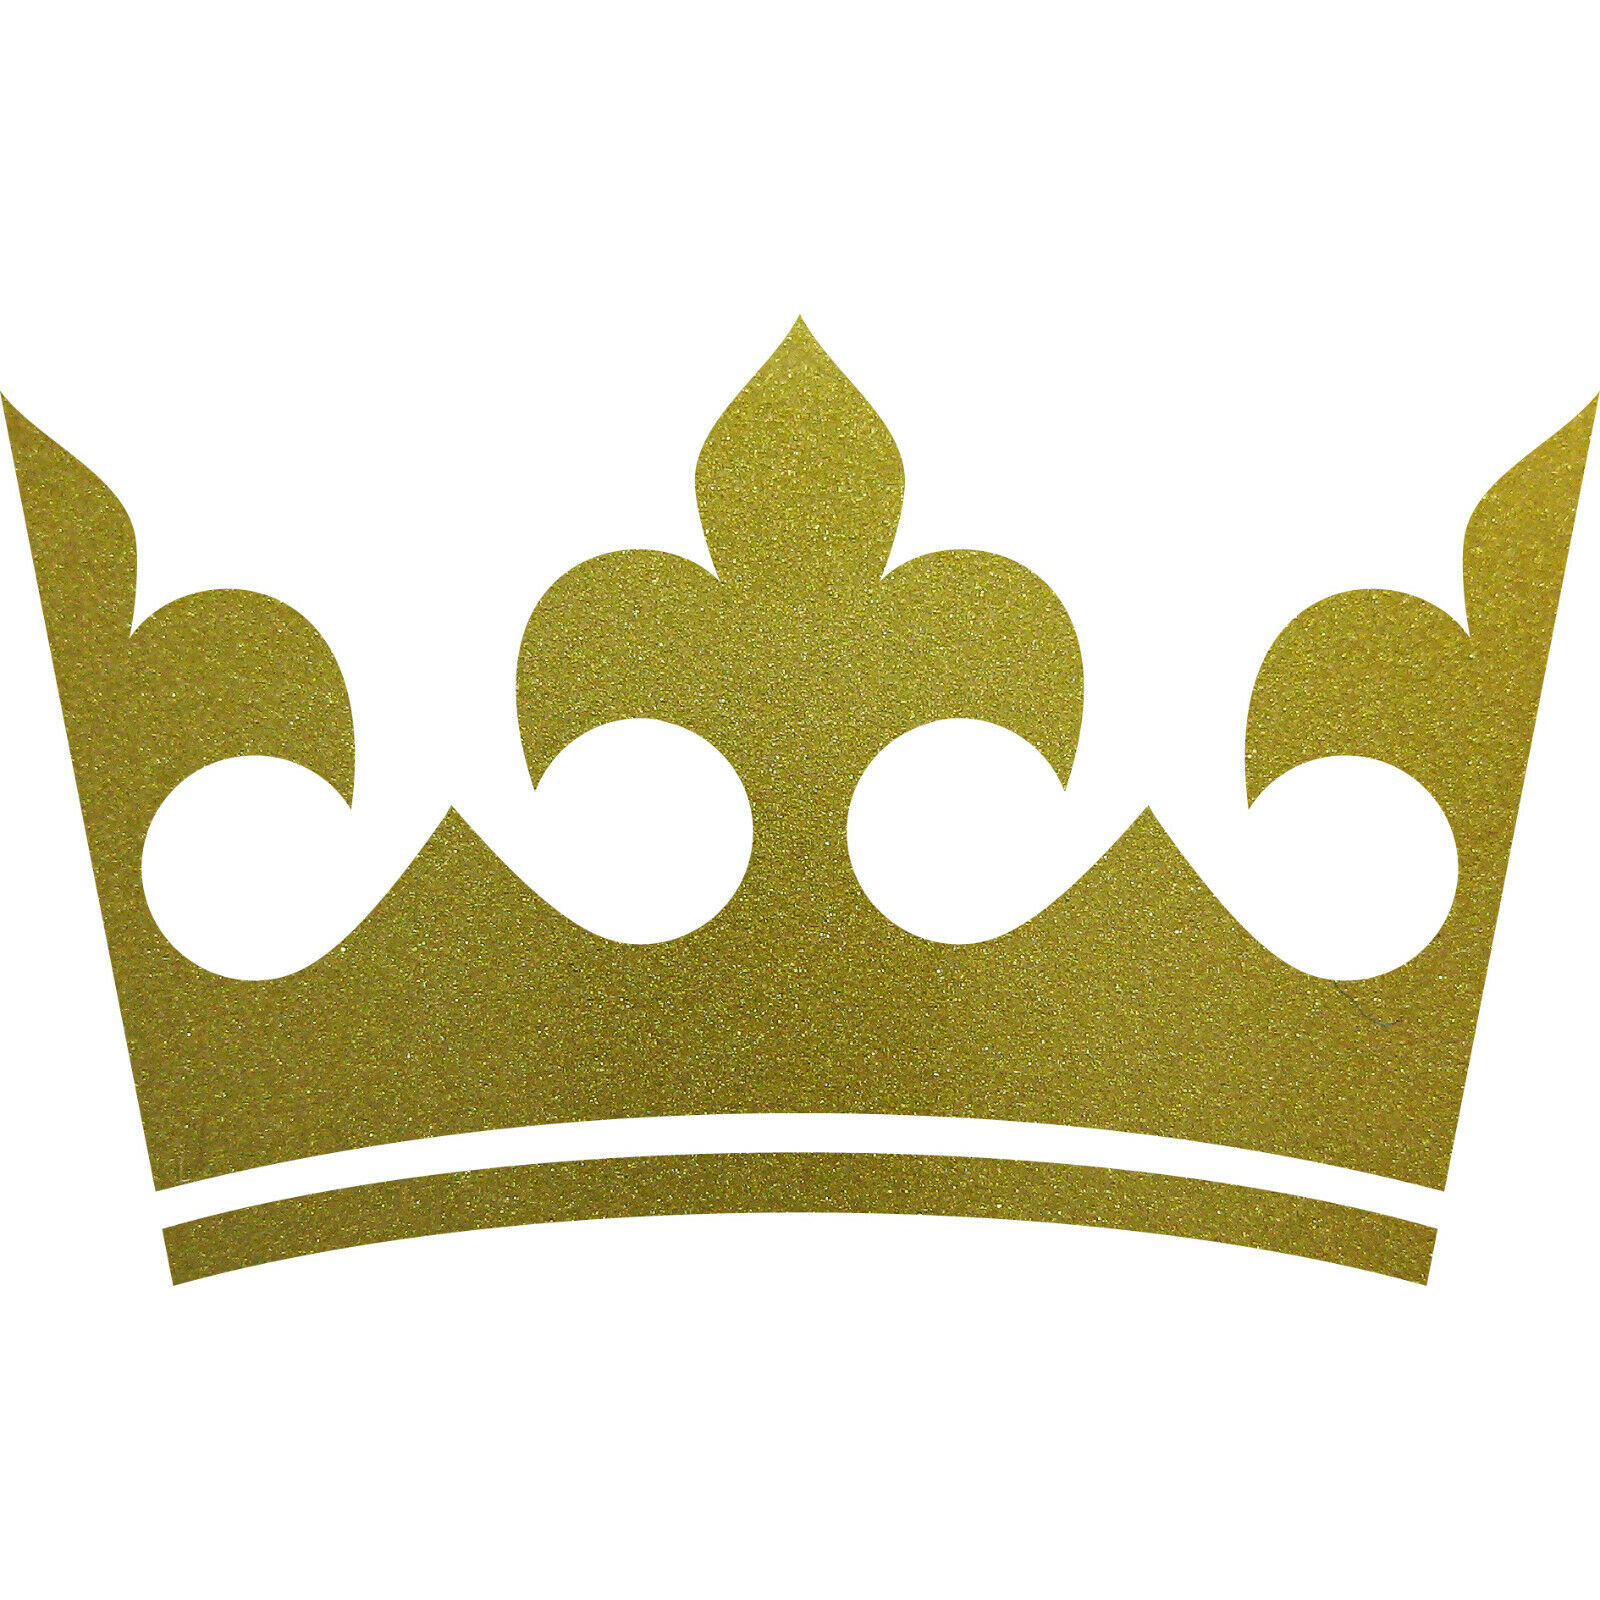 Aufkleber Krone 30cm gold Tattoo Kinder Zimmer Auto